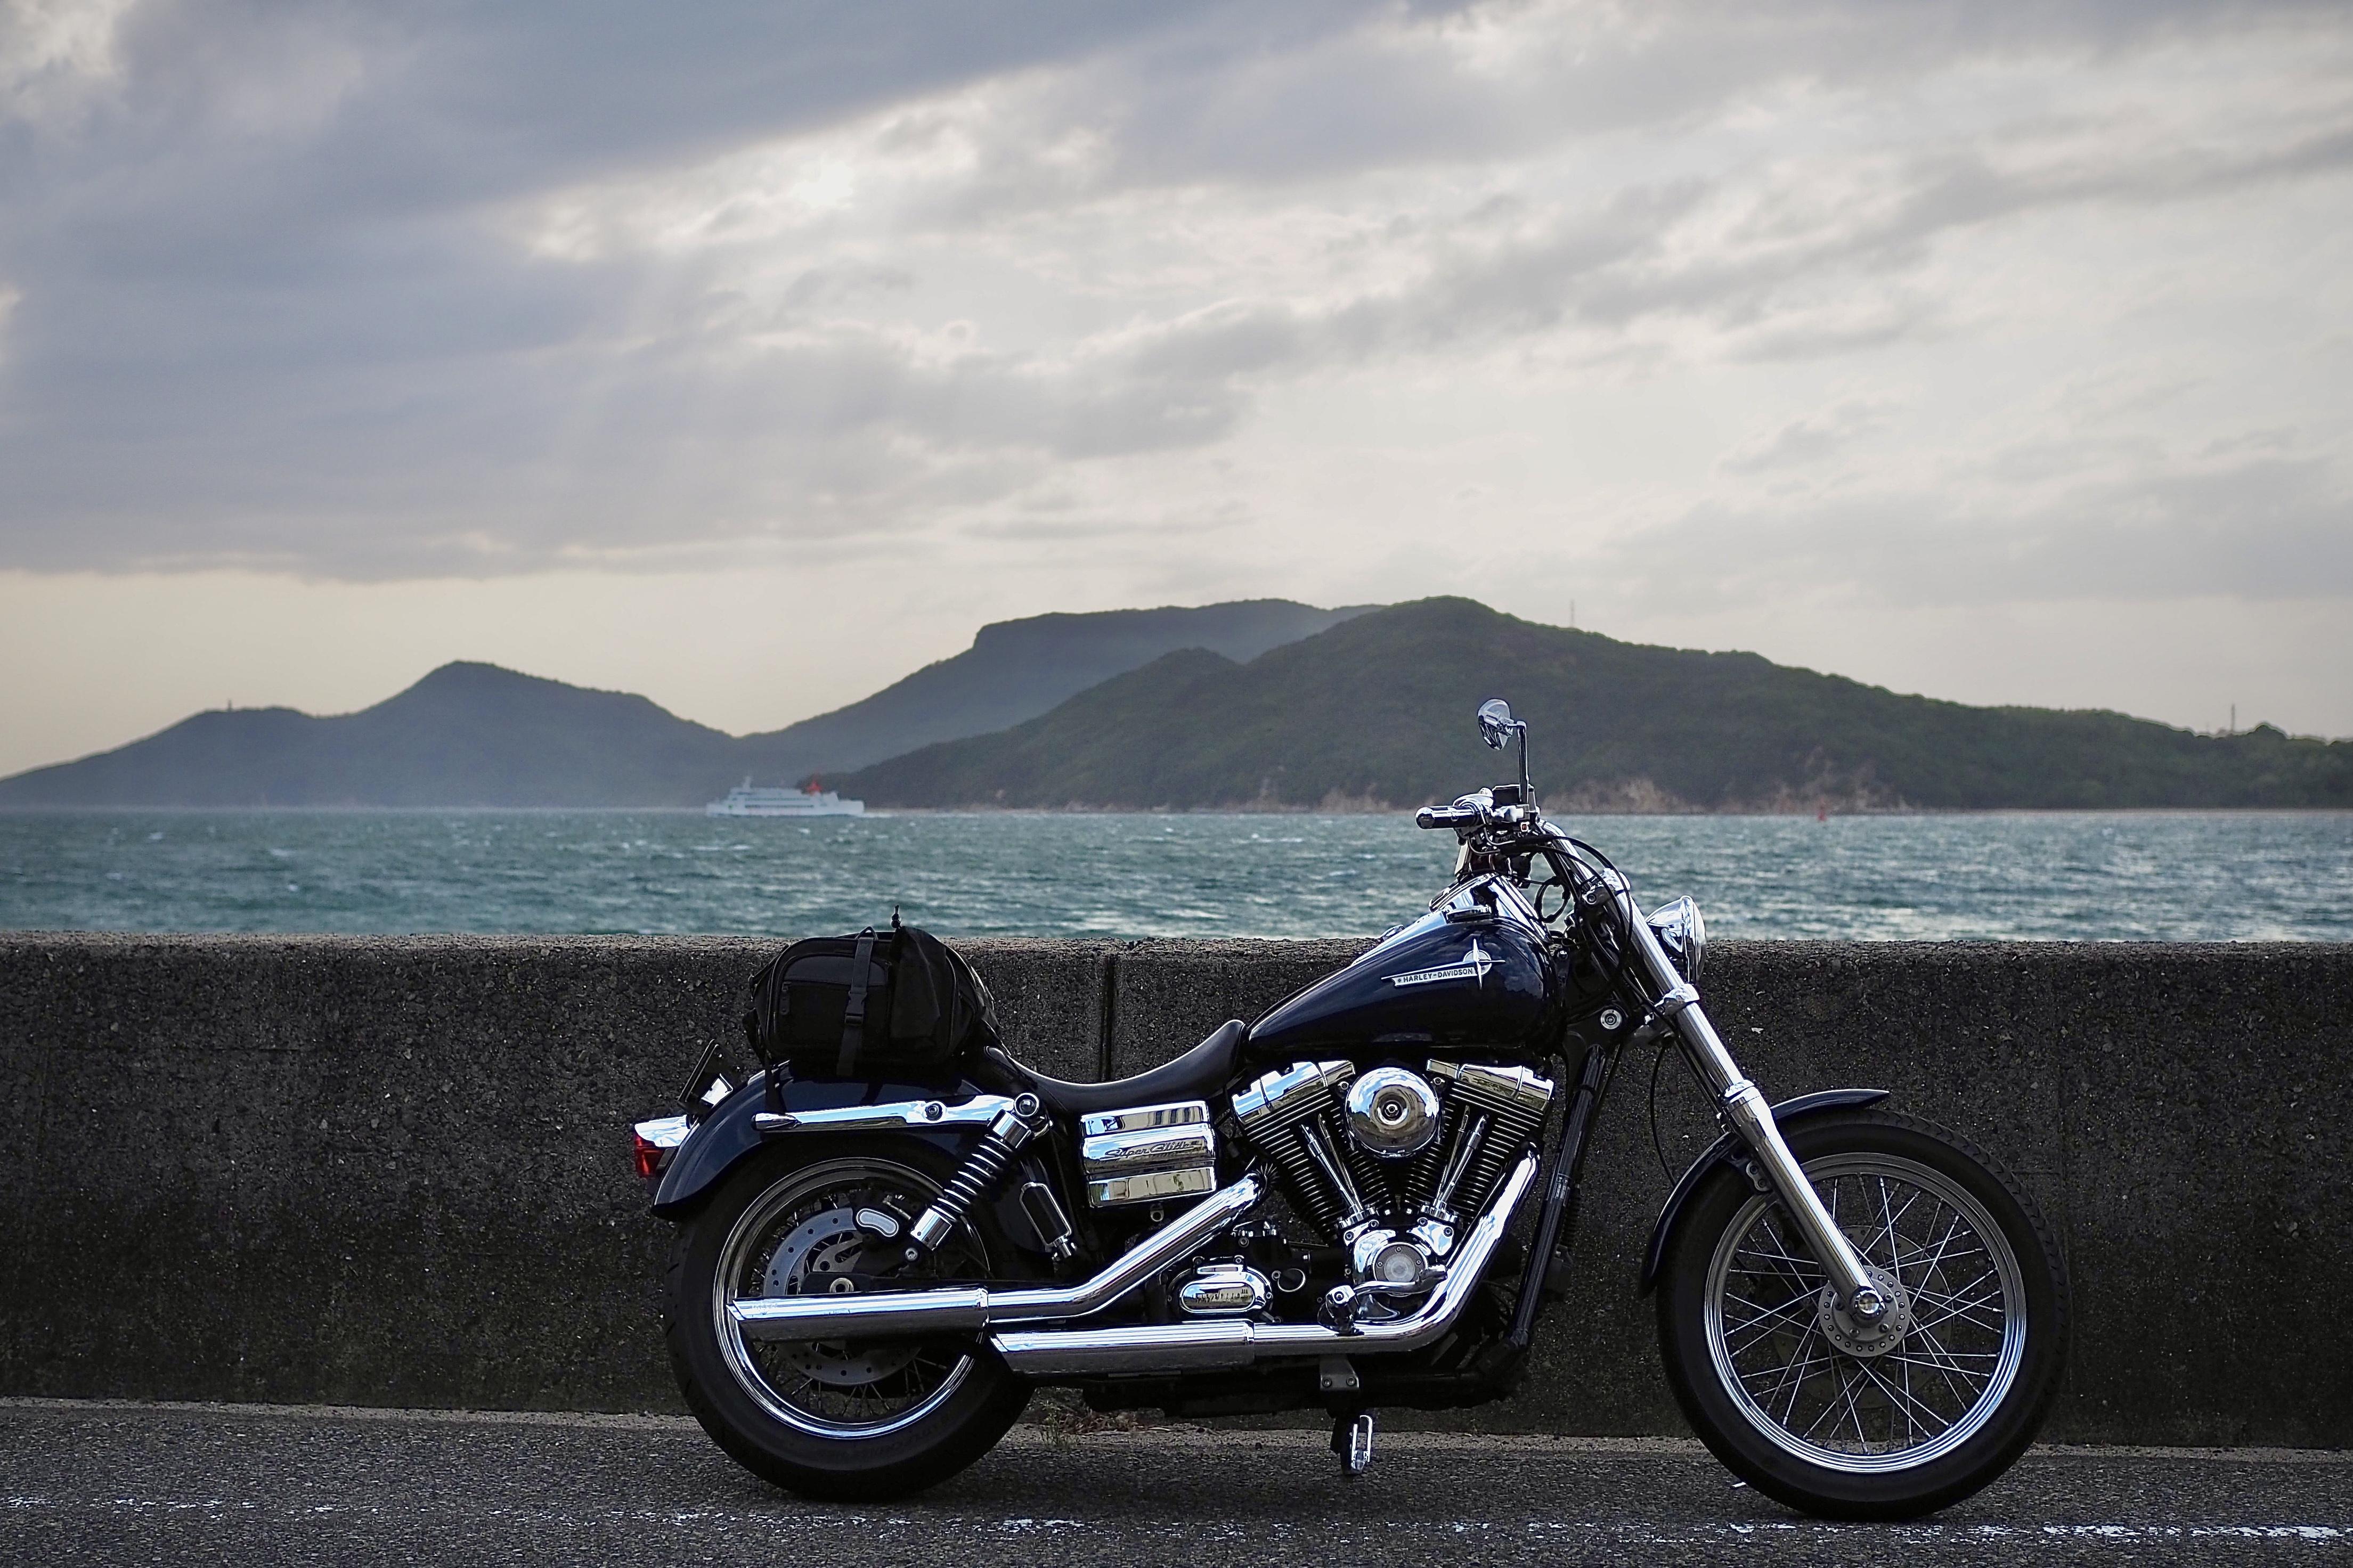 小豆島 絶景&グルメツーリング 海沿いの道 土庄 海沿い 海岸線